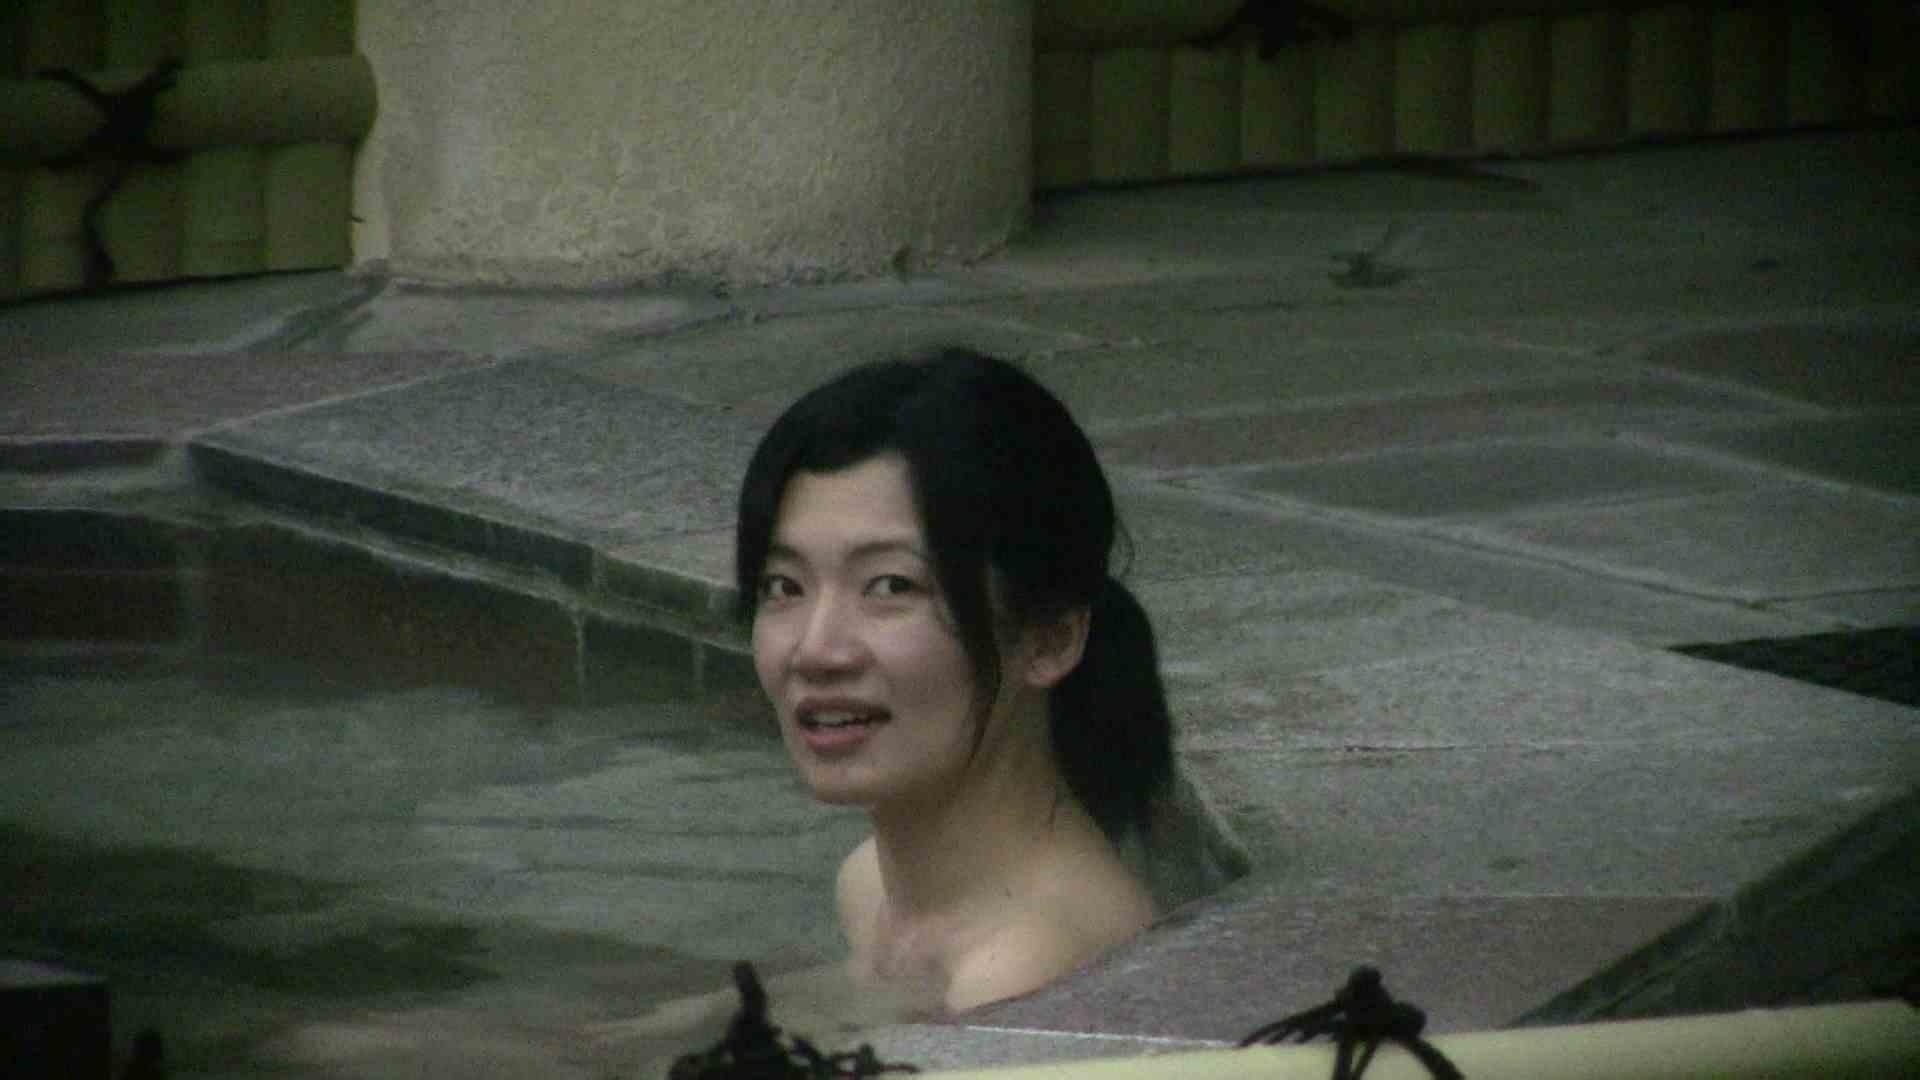 Aquaな露天風呂Vol.539 女体盗撮 隠し撮りおまんこ動画流出 88連発 23